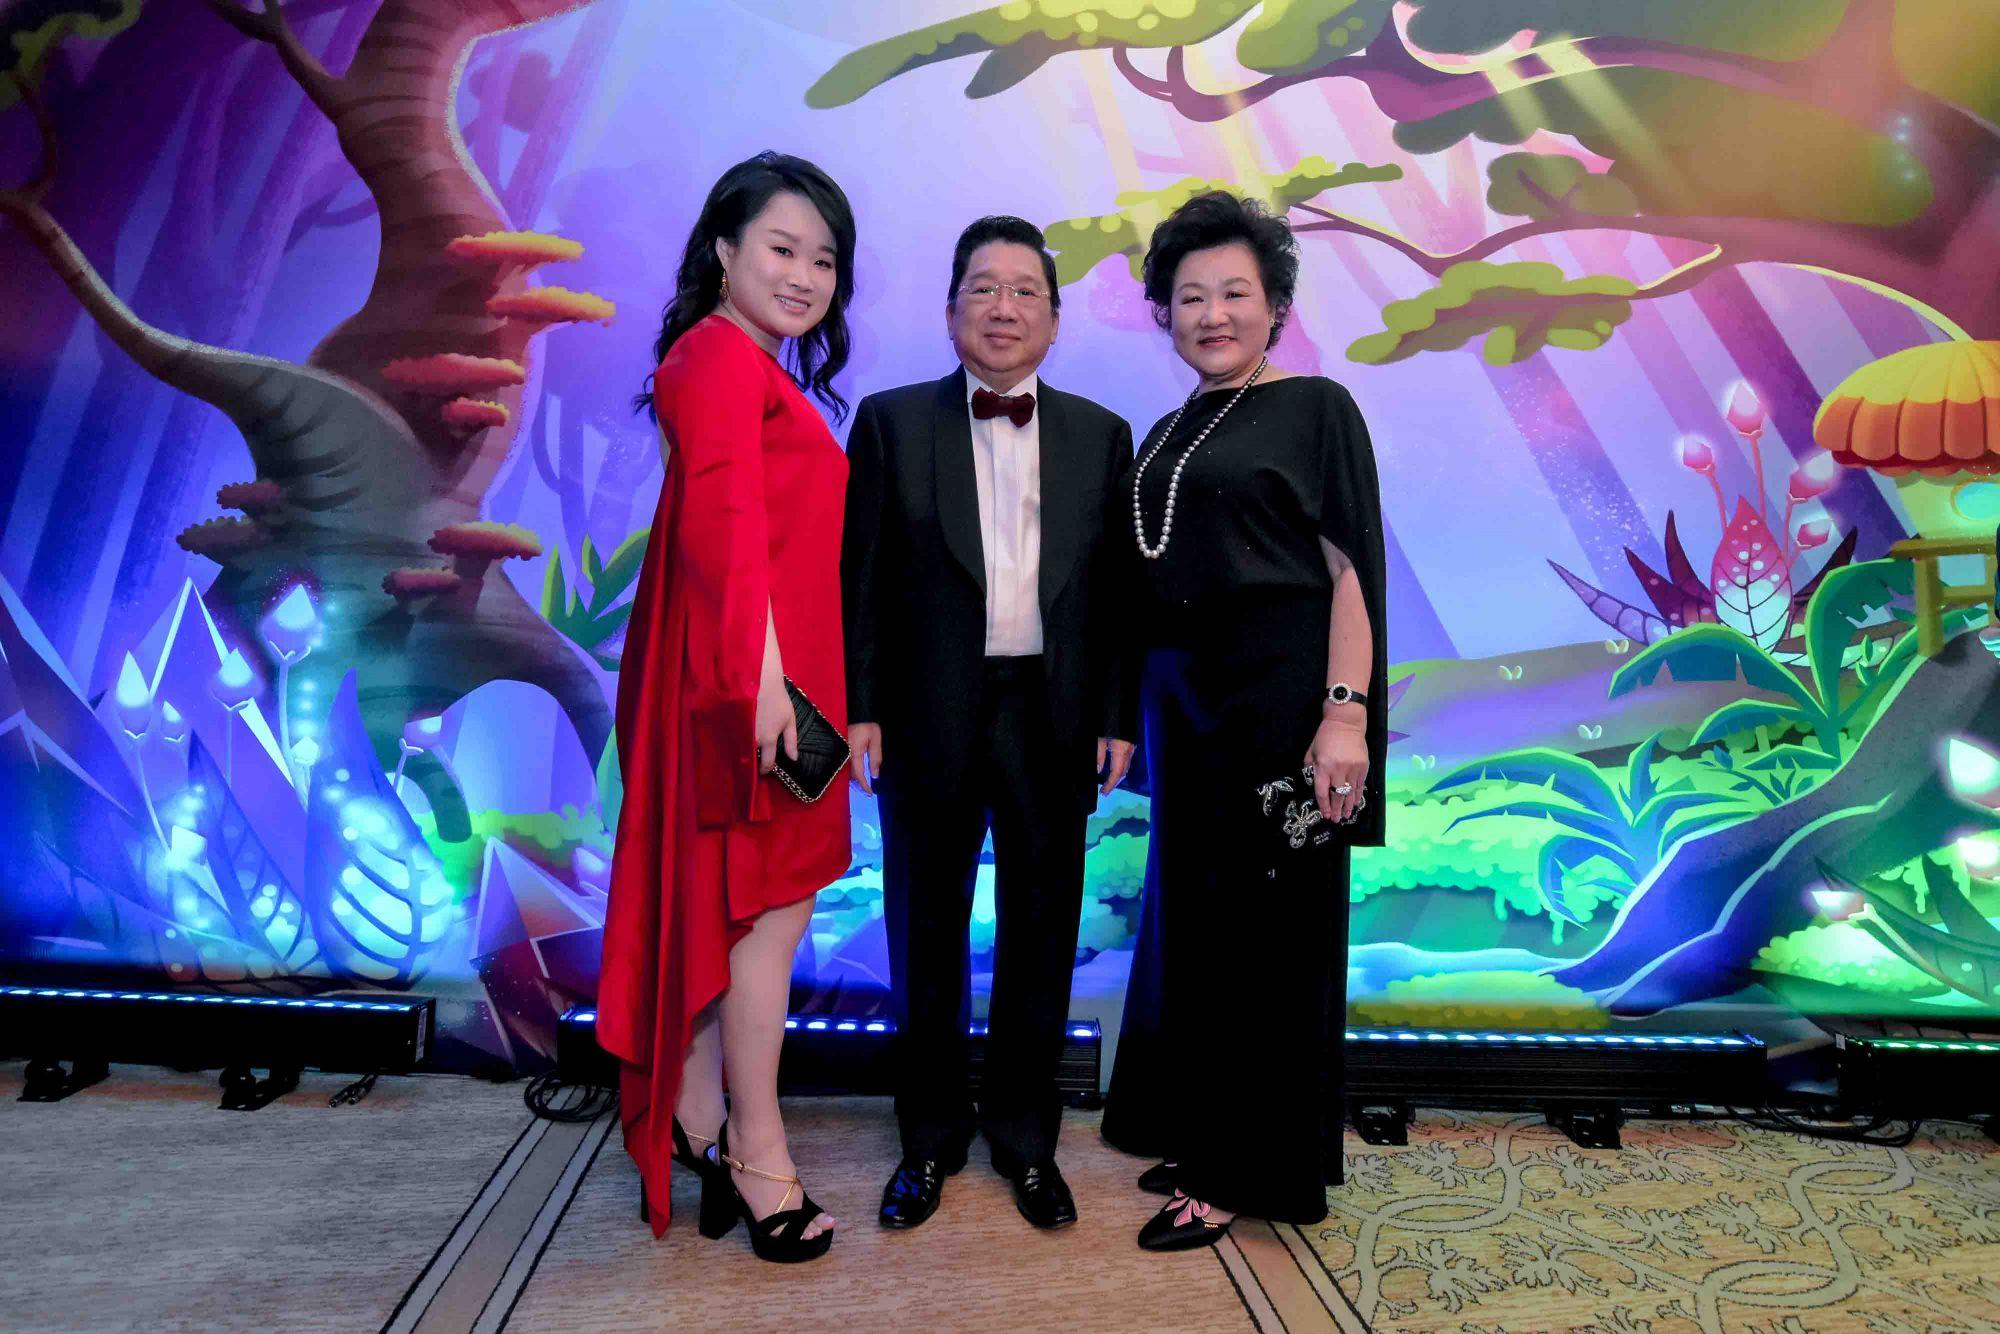 Lam Tze Tze, Lam Tong Loy, Lam Ping Yee